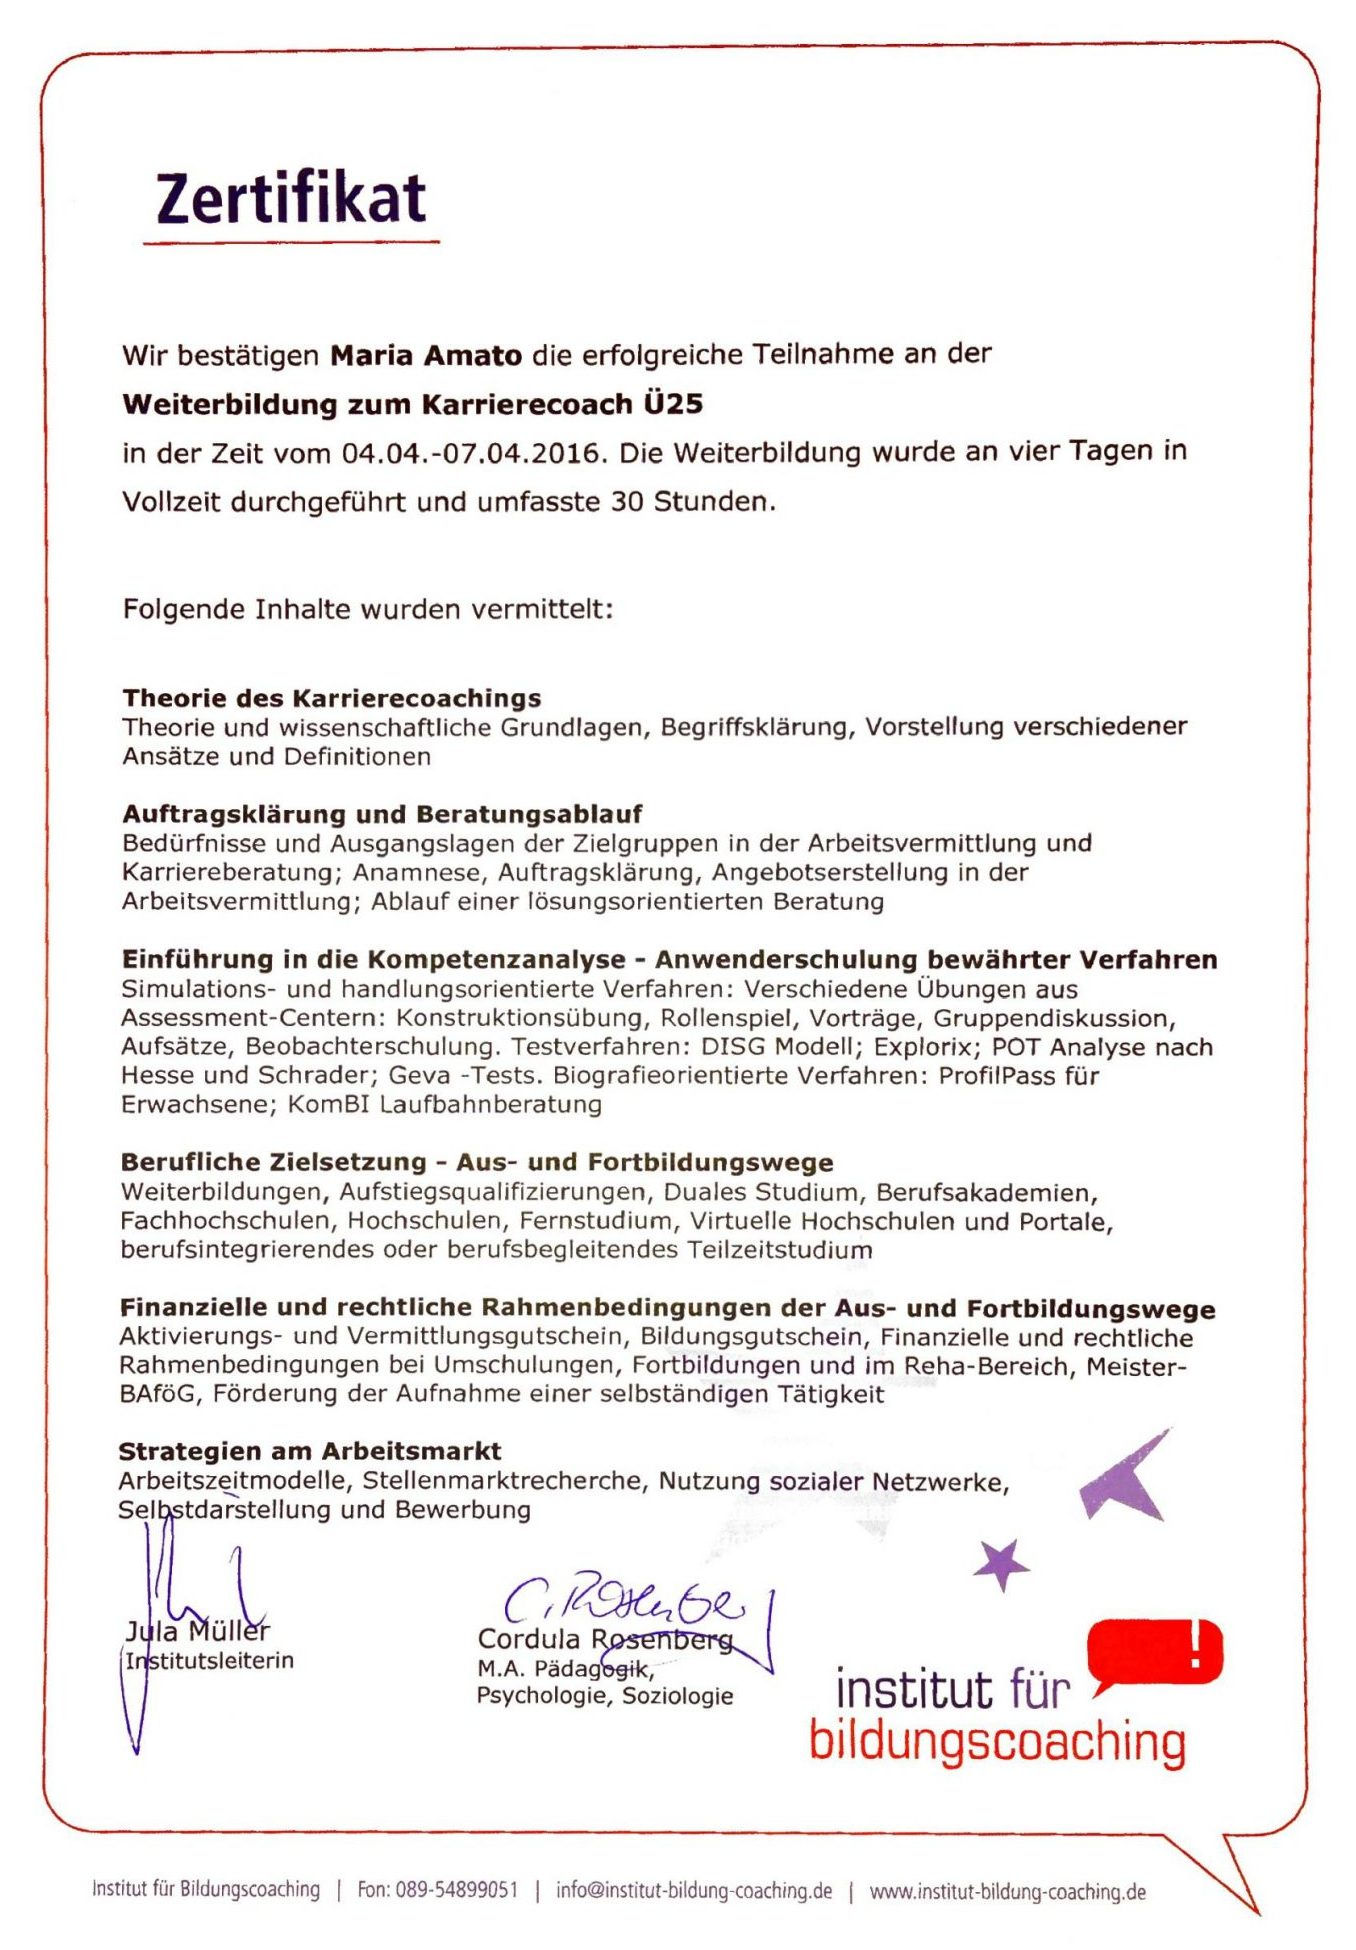 Zertifikat - Weiterbildung zum Karrierecoach Ü25